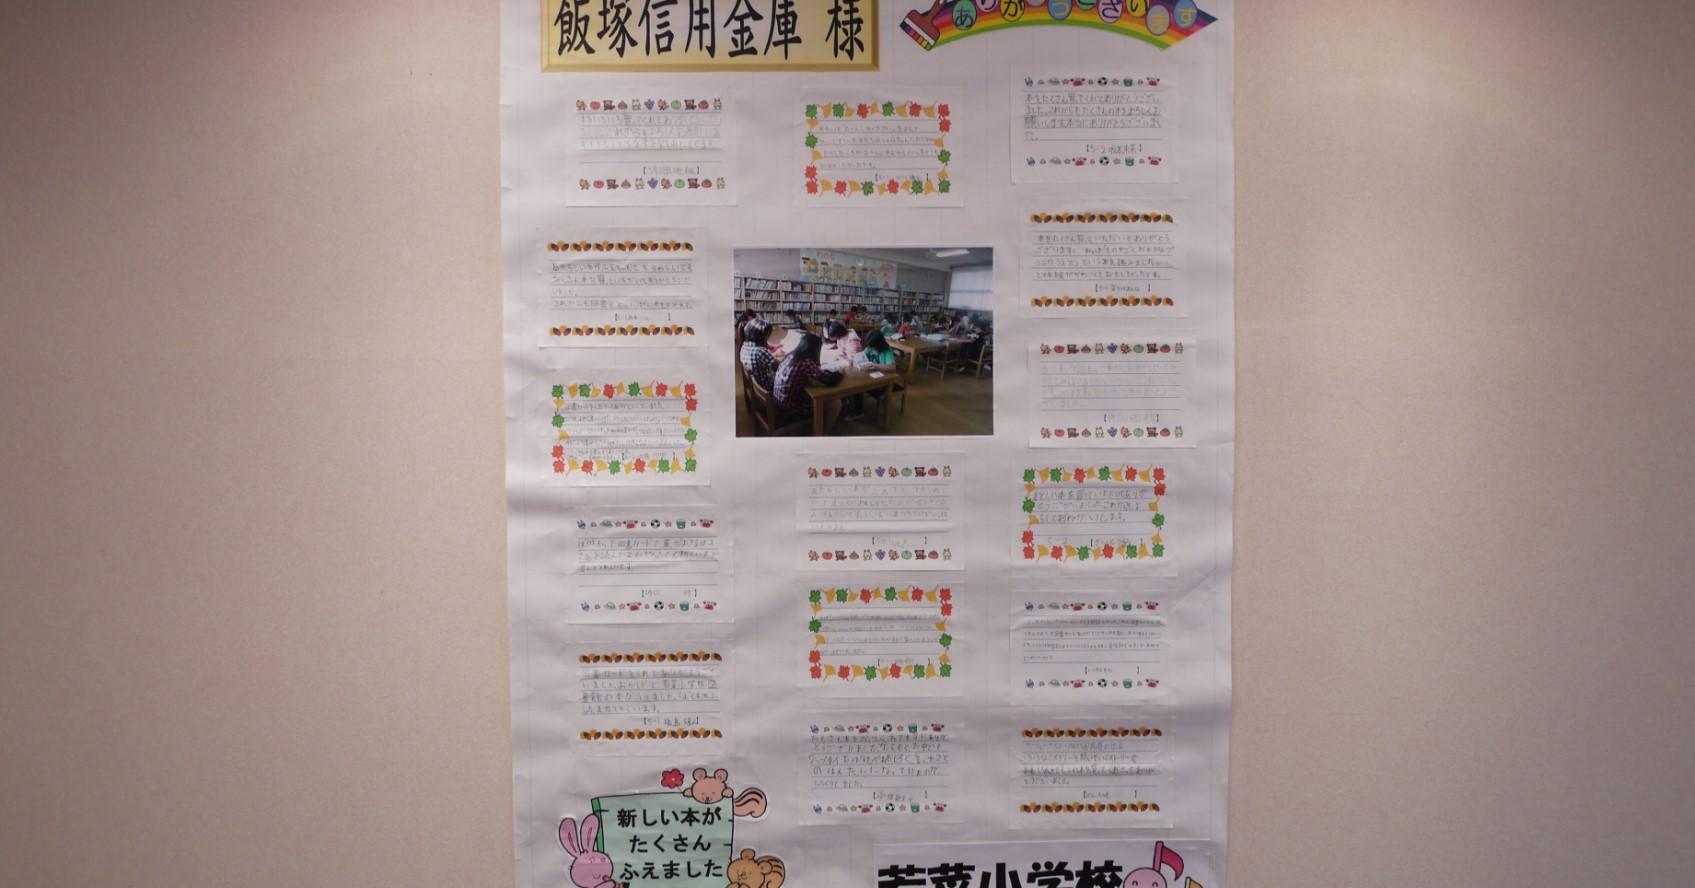 毎年、飯塚市・宮若市・嘉麻市・嘉穂郡桂川町の全小中学校に「図書カード」を寄贈。小学校から感謝状が届く。